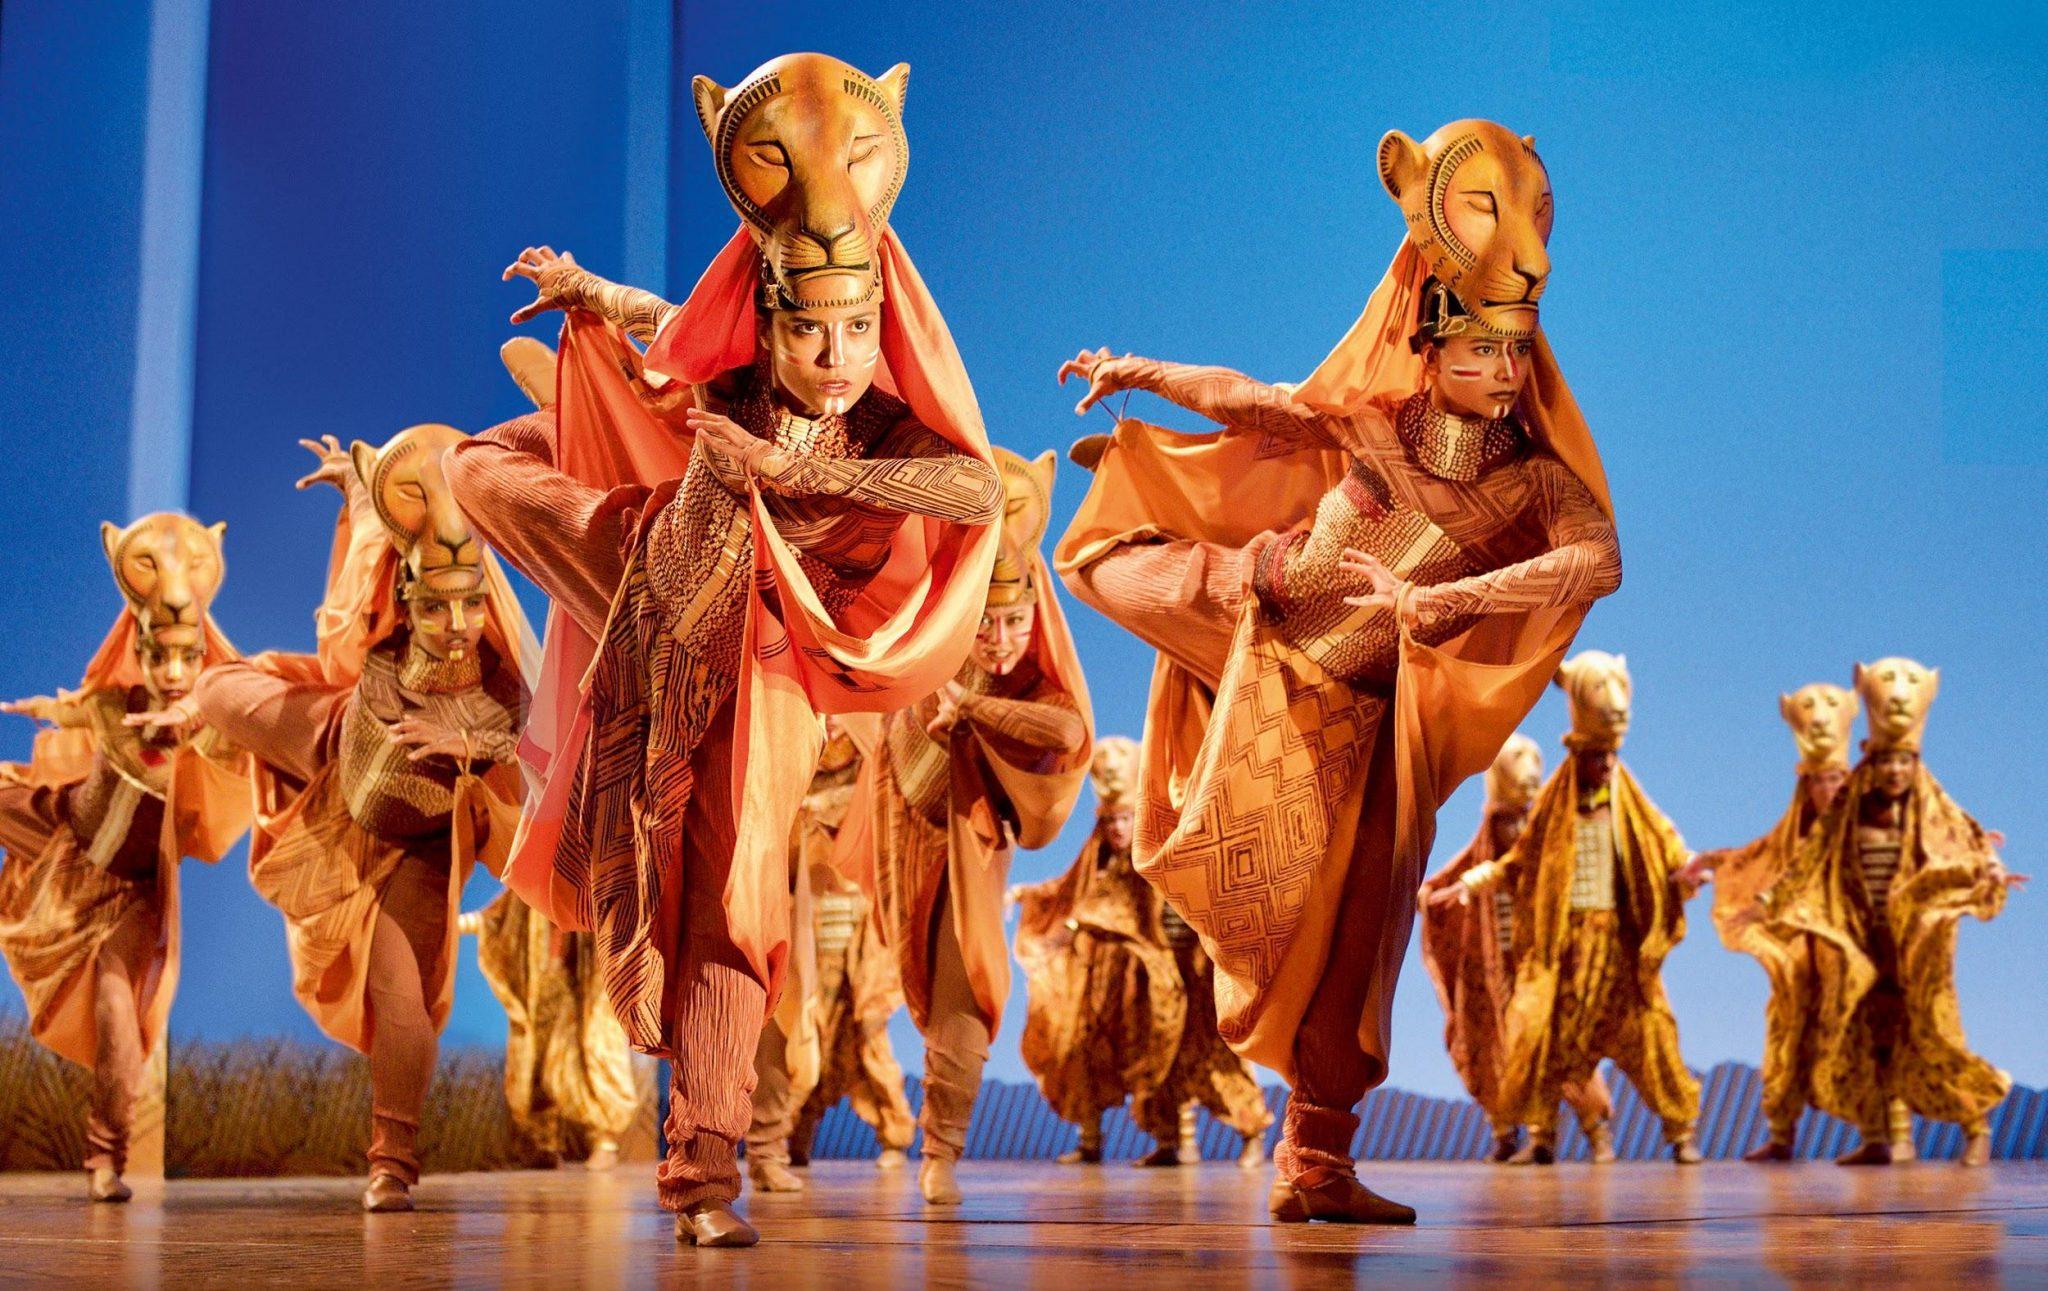 Hamburg stage plätze theater gute Shipspotting